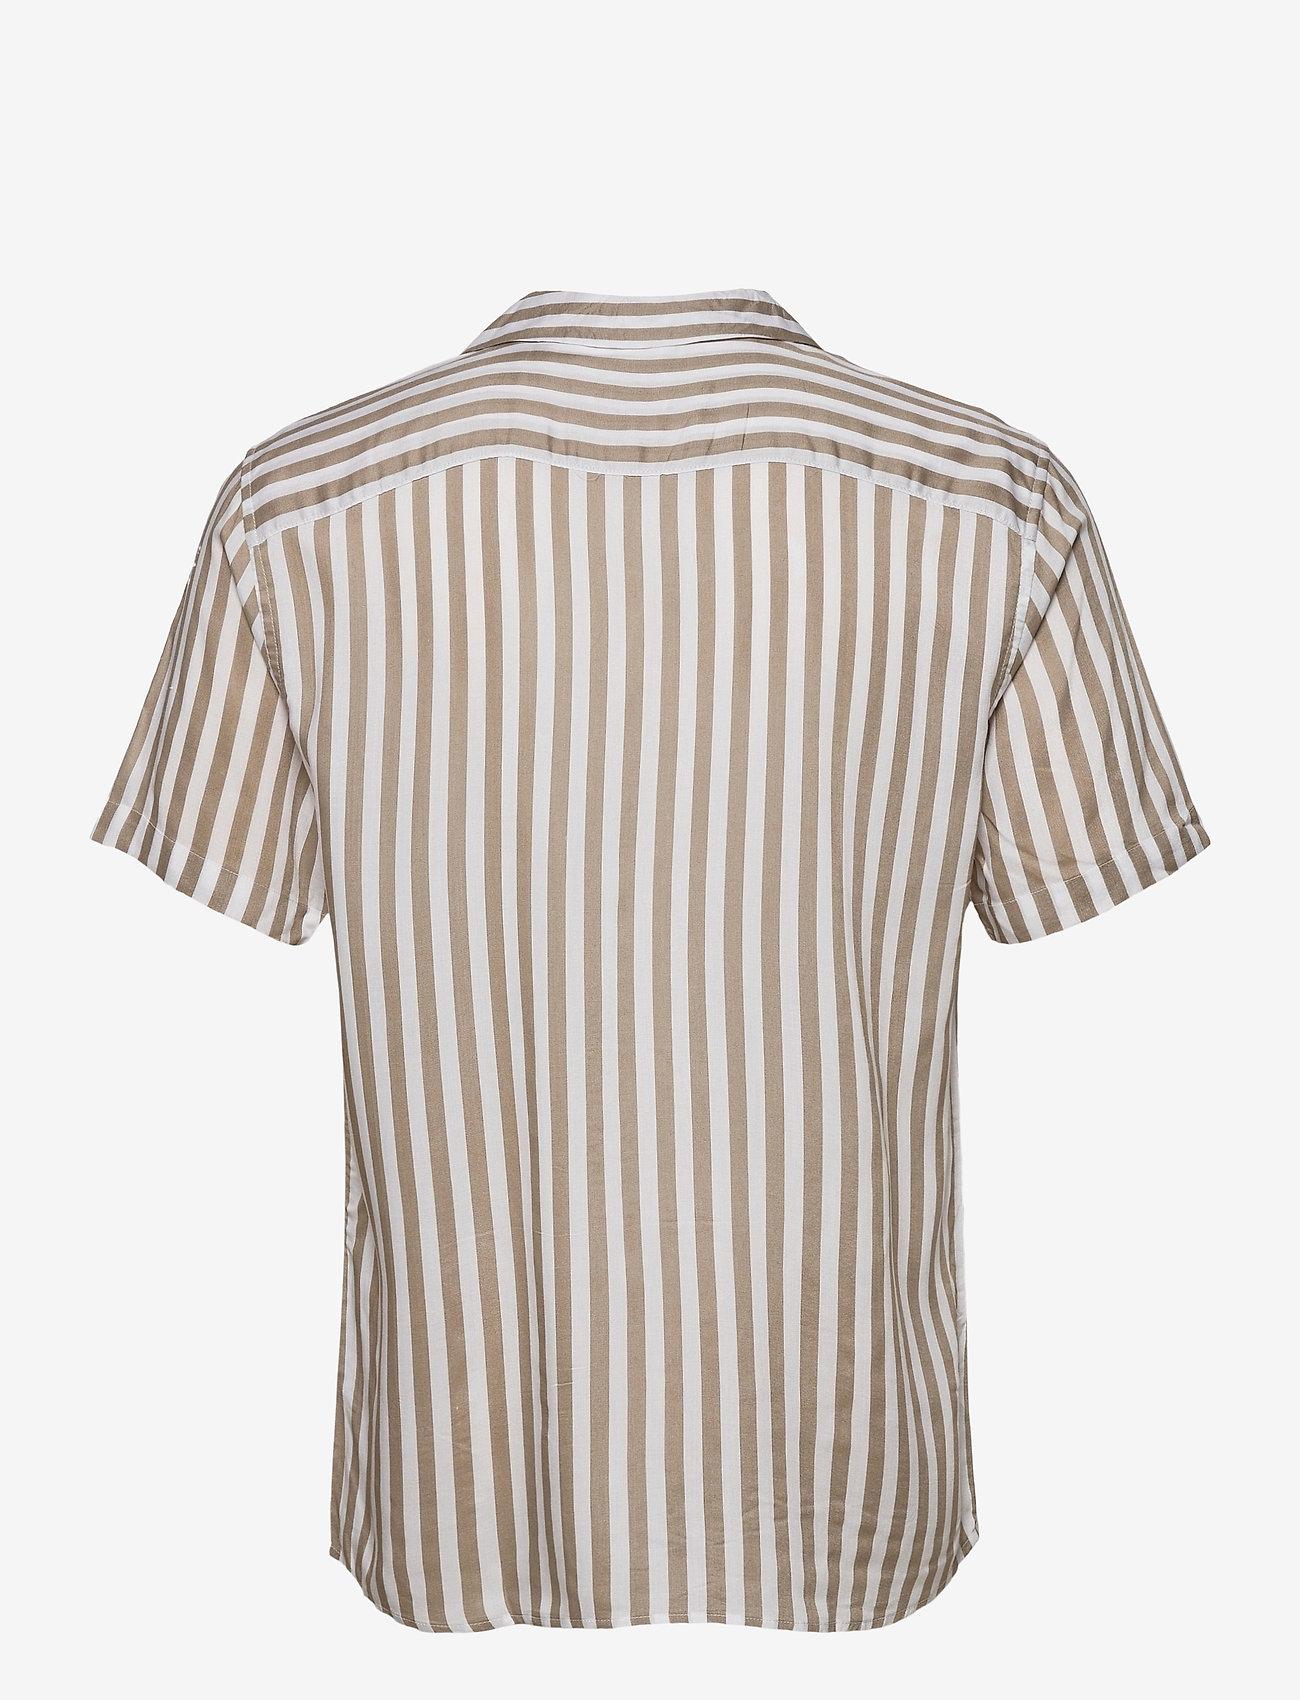 ONLY & SONS - ONSWAYNE LIFE SS VISCOSE SHIRT - koszule w kratkę - chinchilla - 1